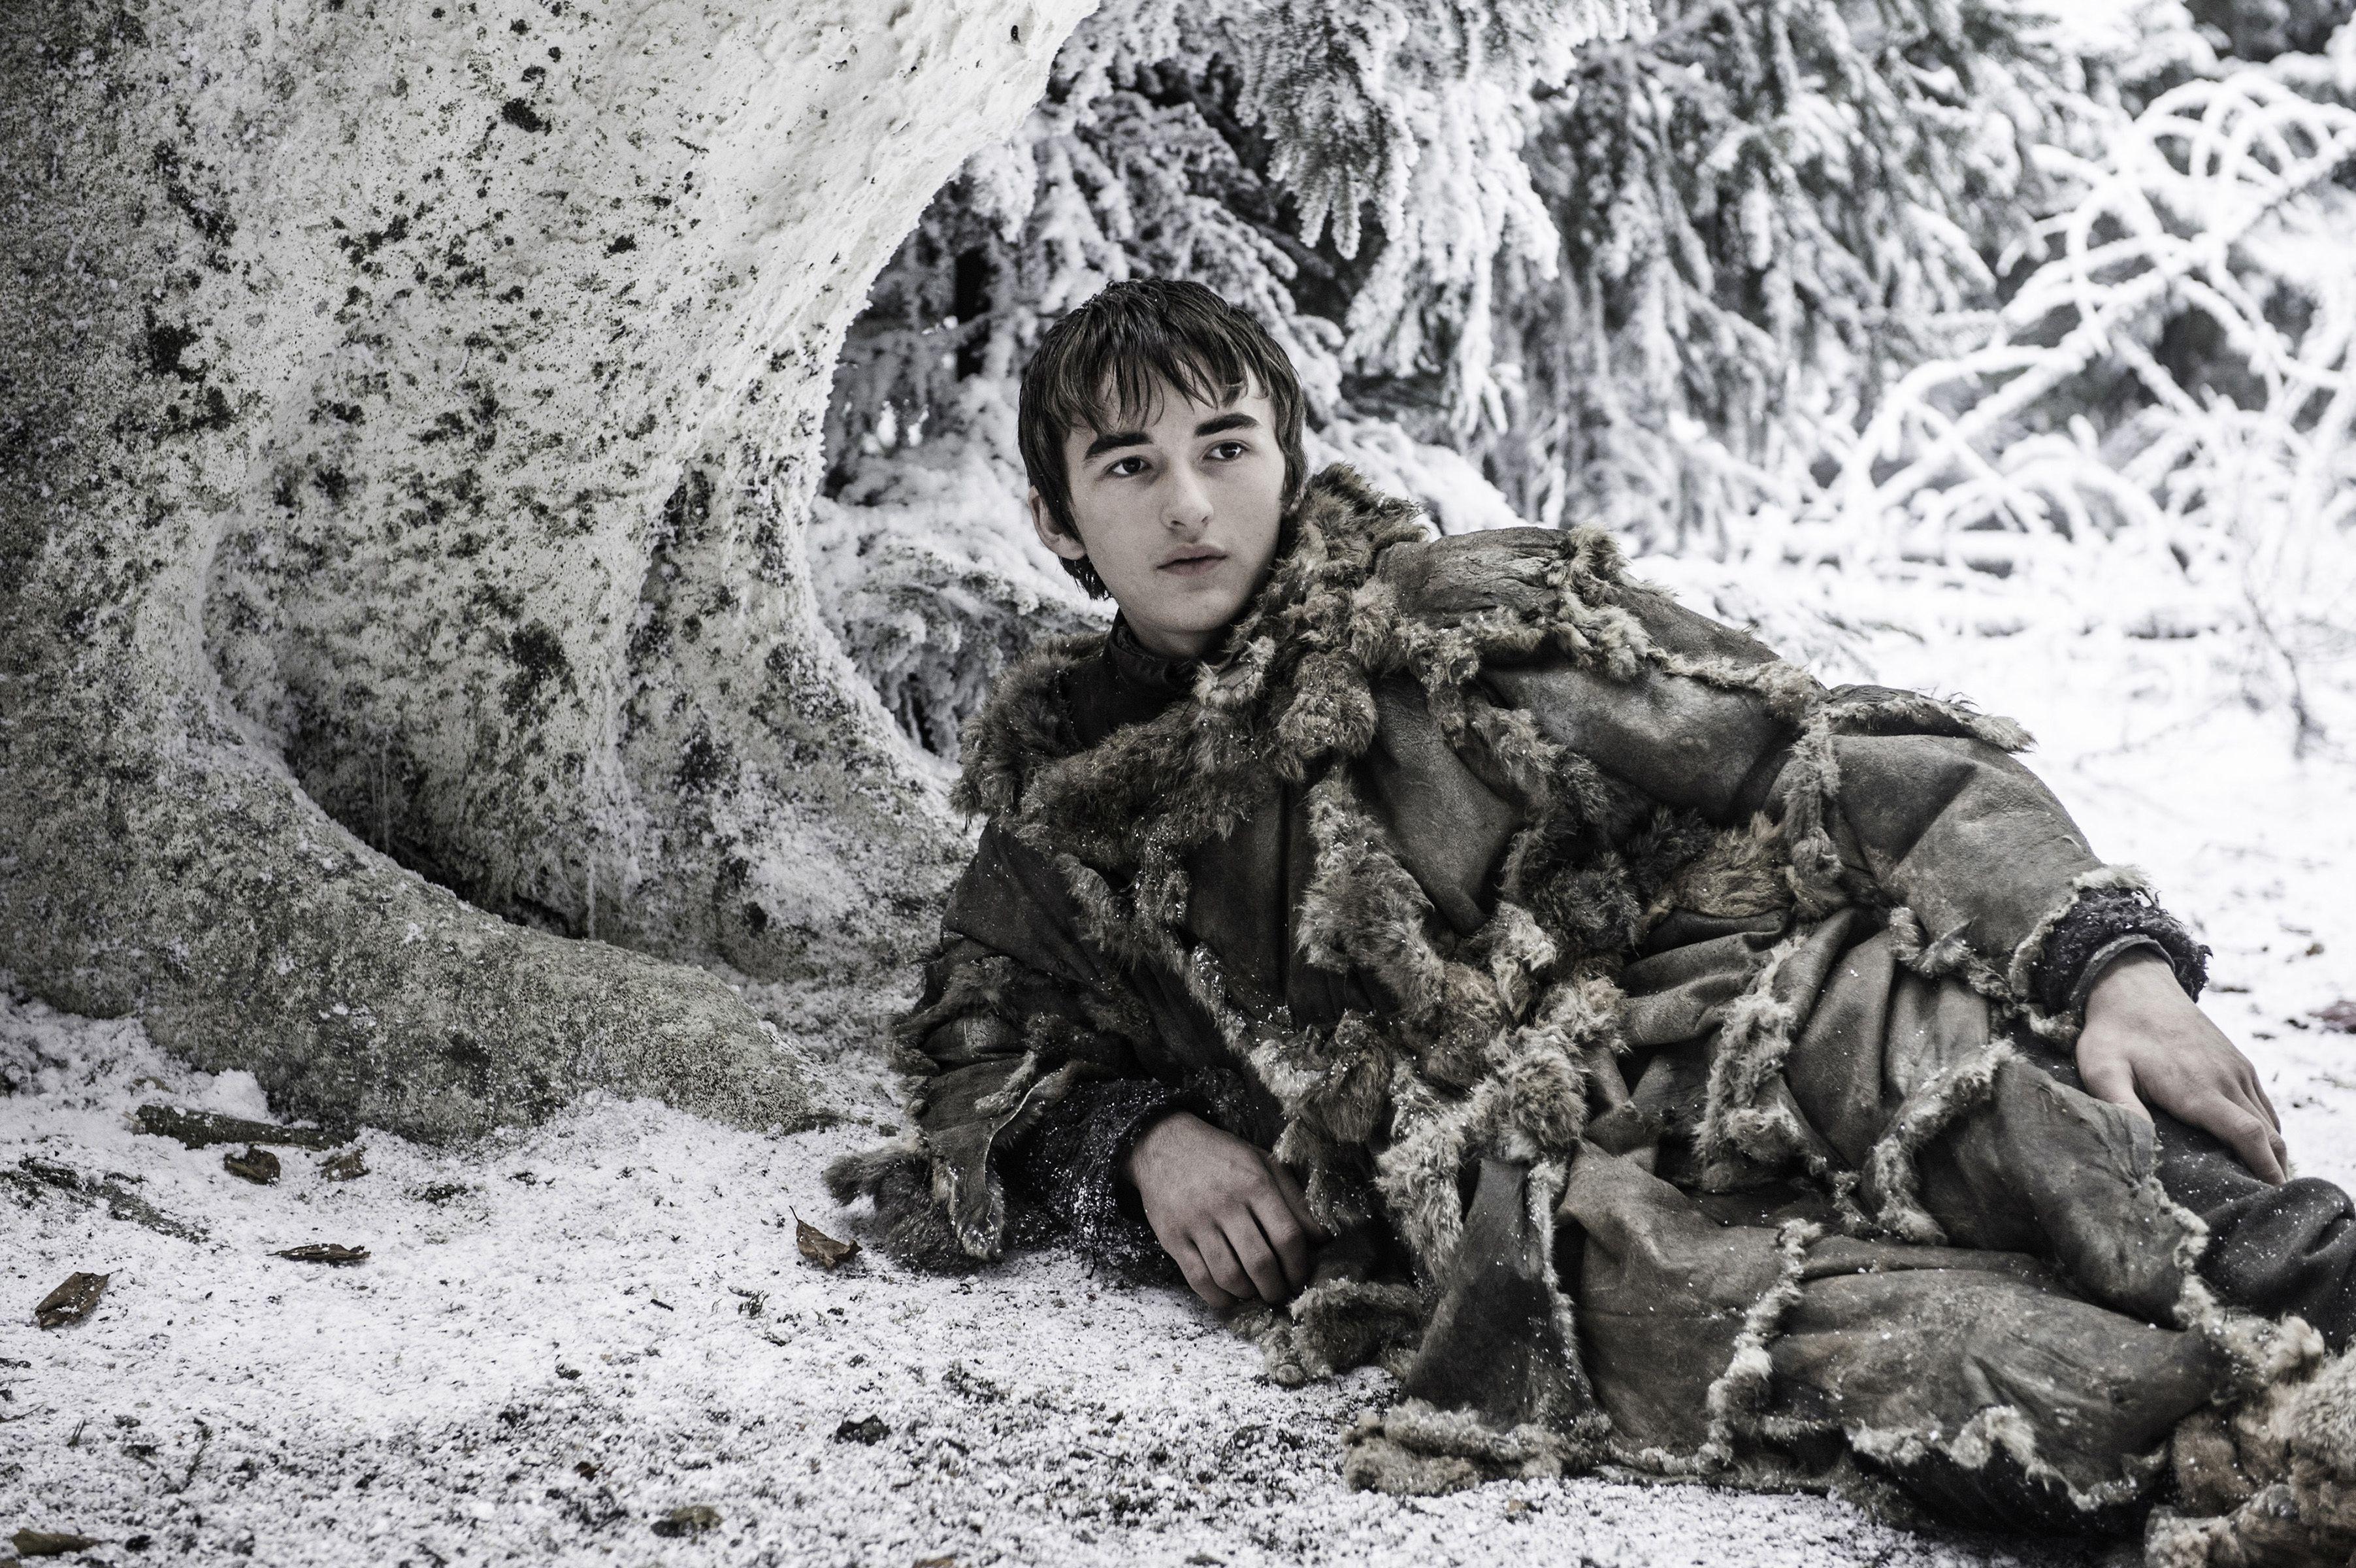 Game of Thrones Season 6 Finale Recap